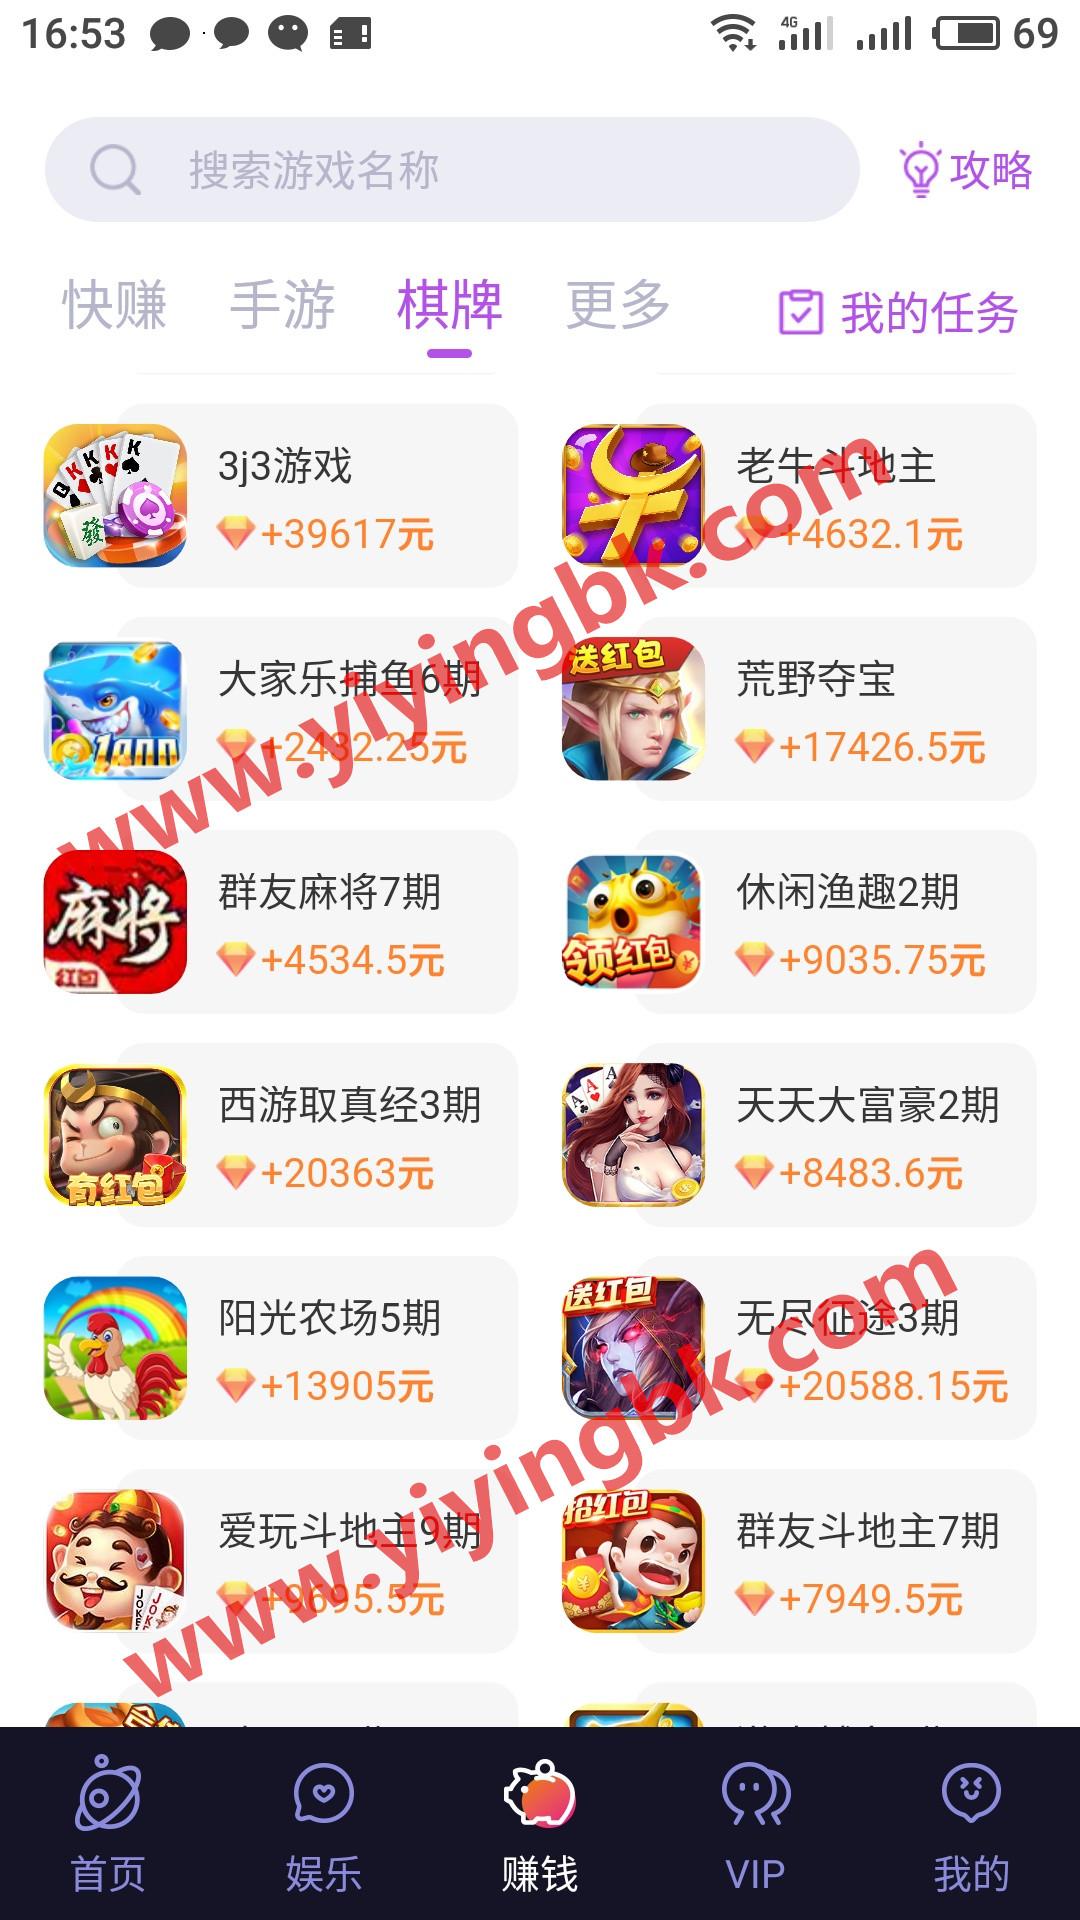 免费玩斗地主棋牌游戏领红包赚钱,www.yiyingbk.com